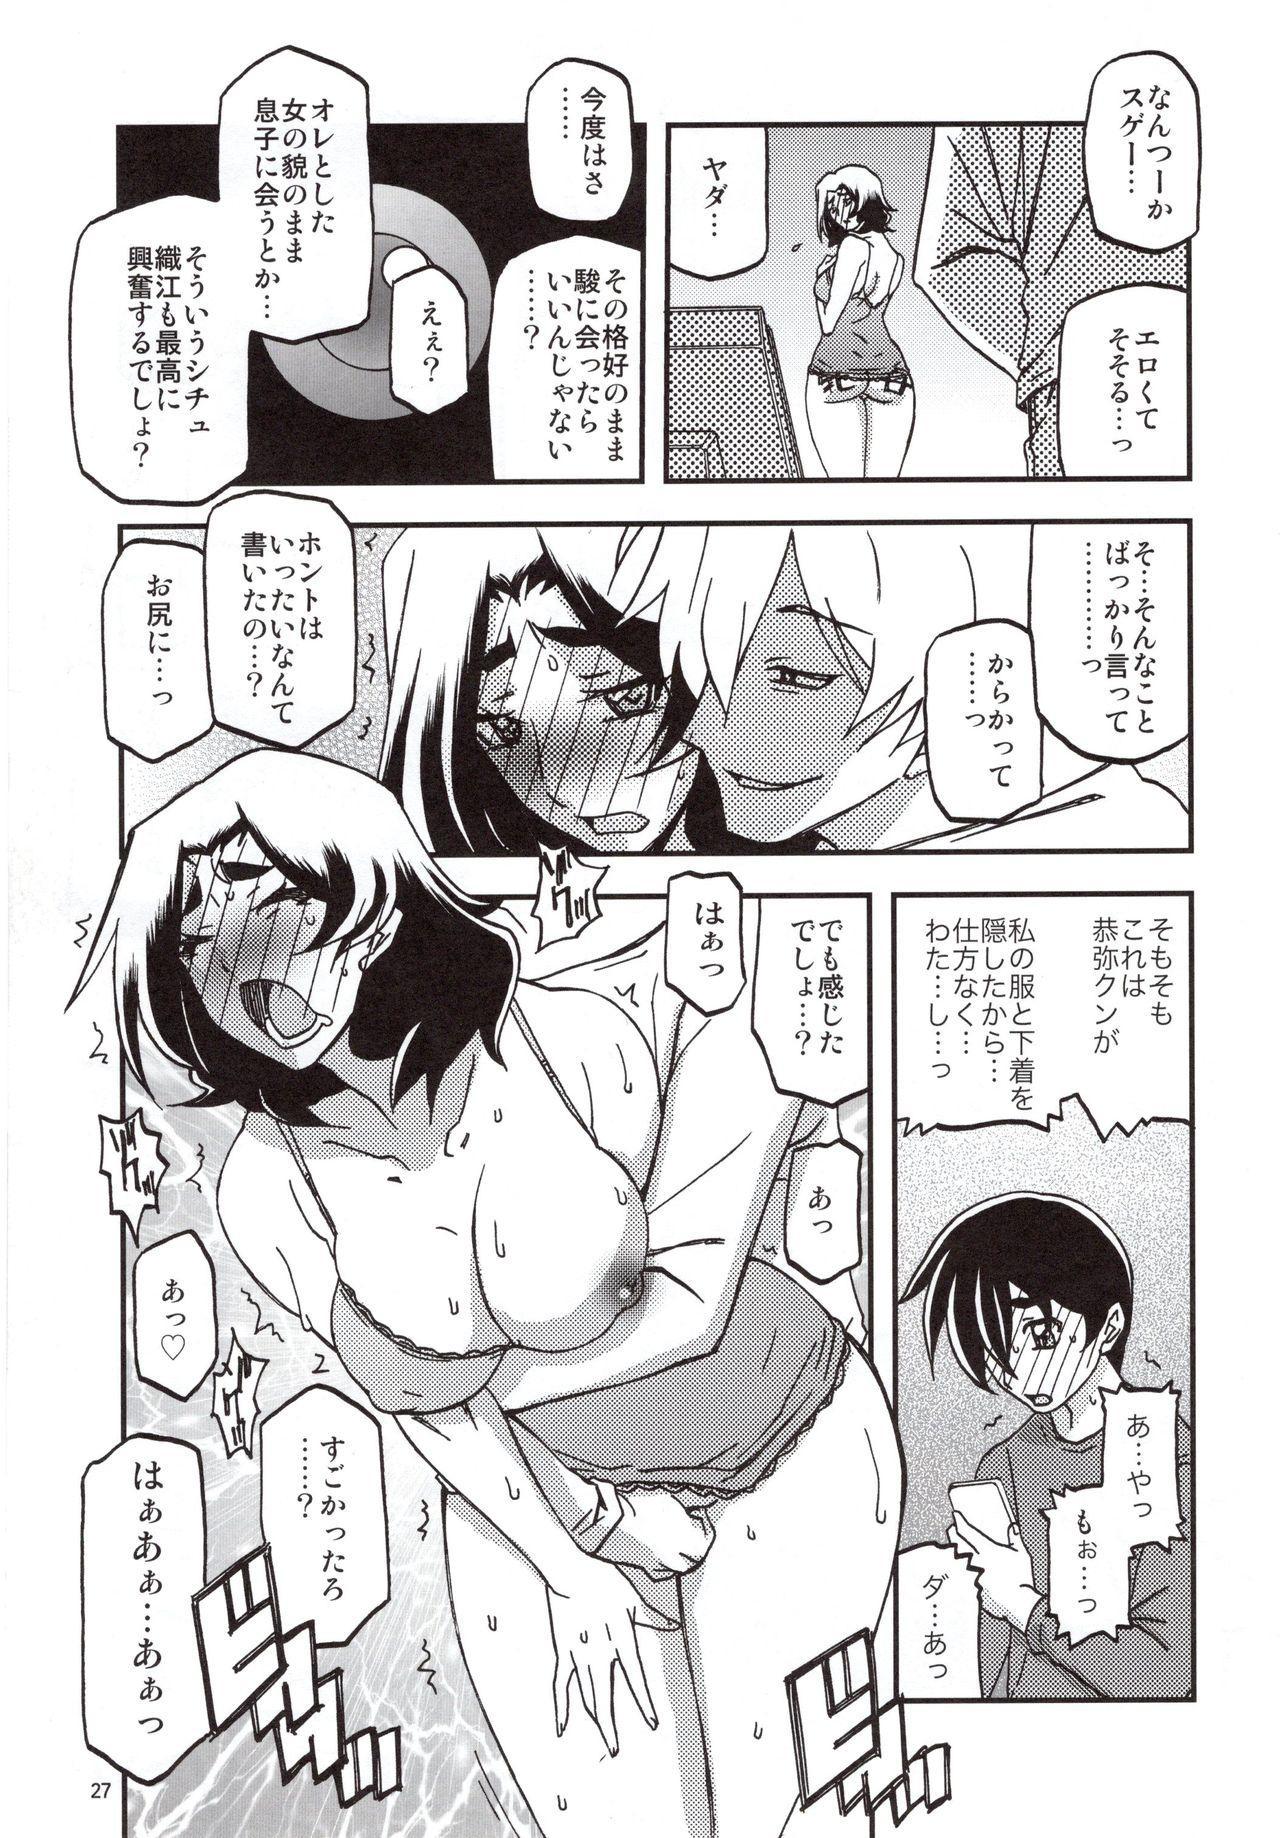 Yama Hime no Mi Orie 25